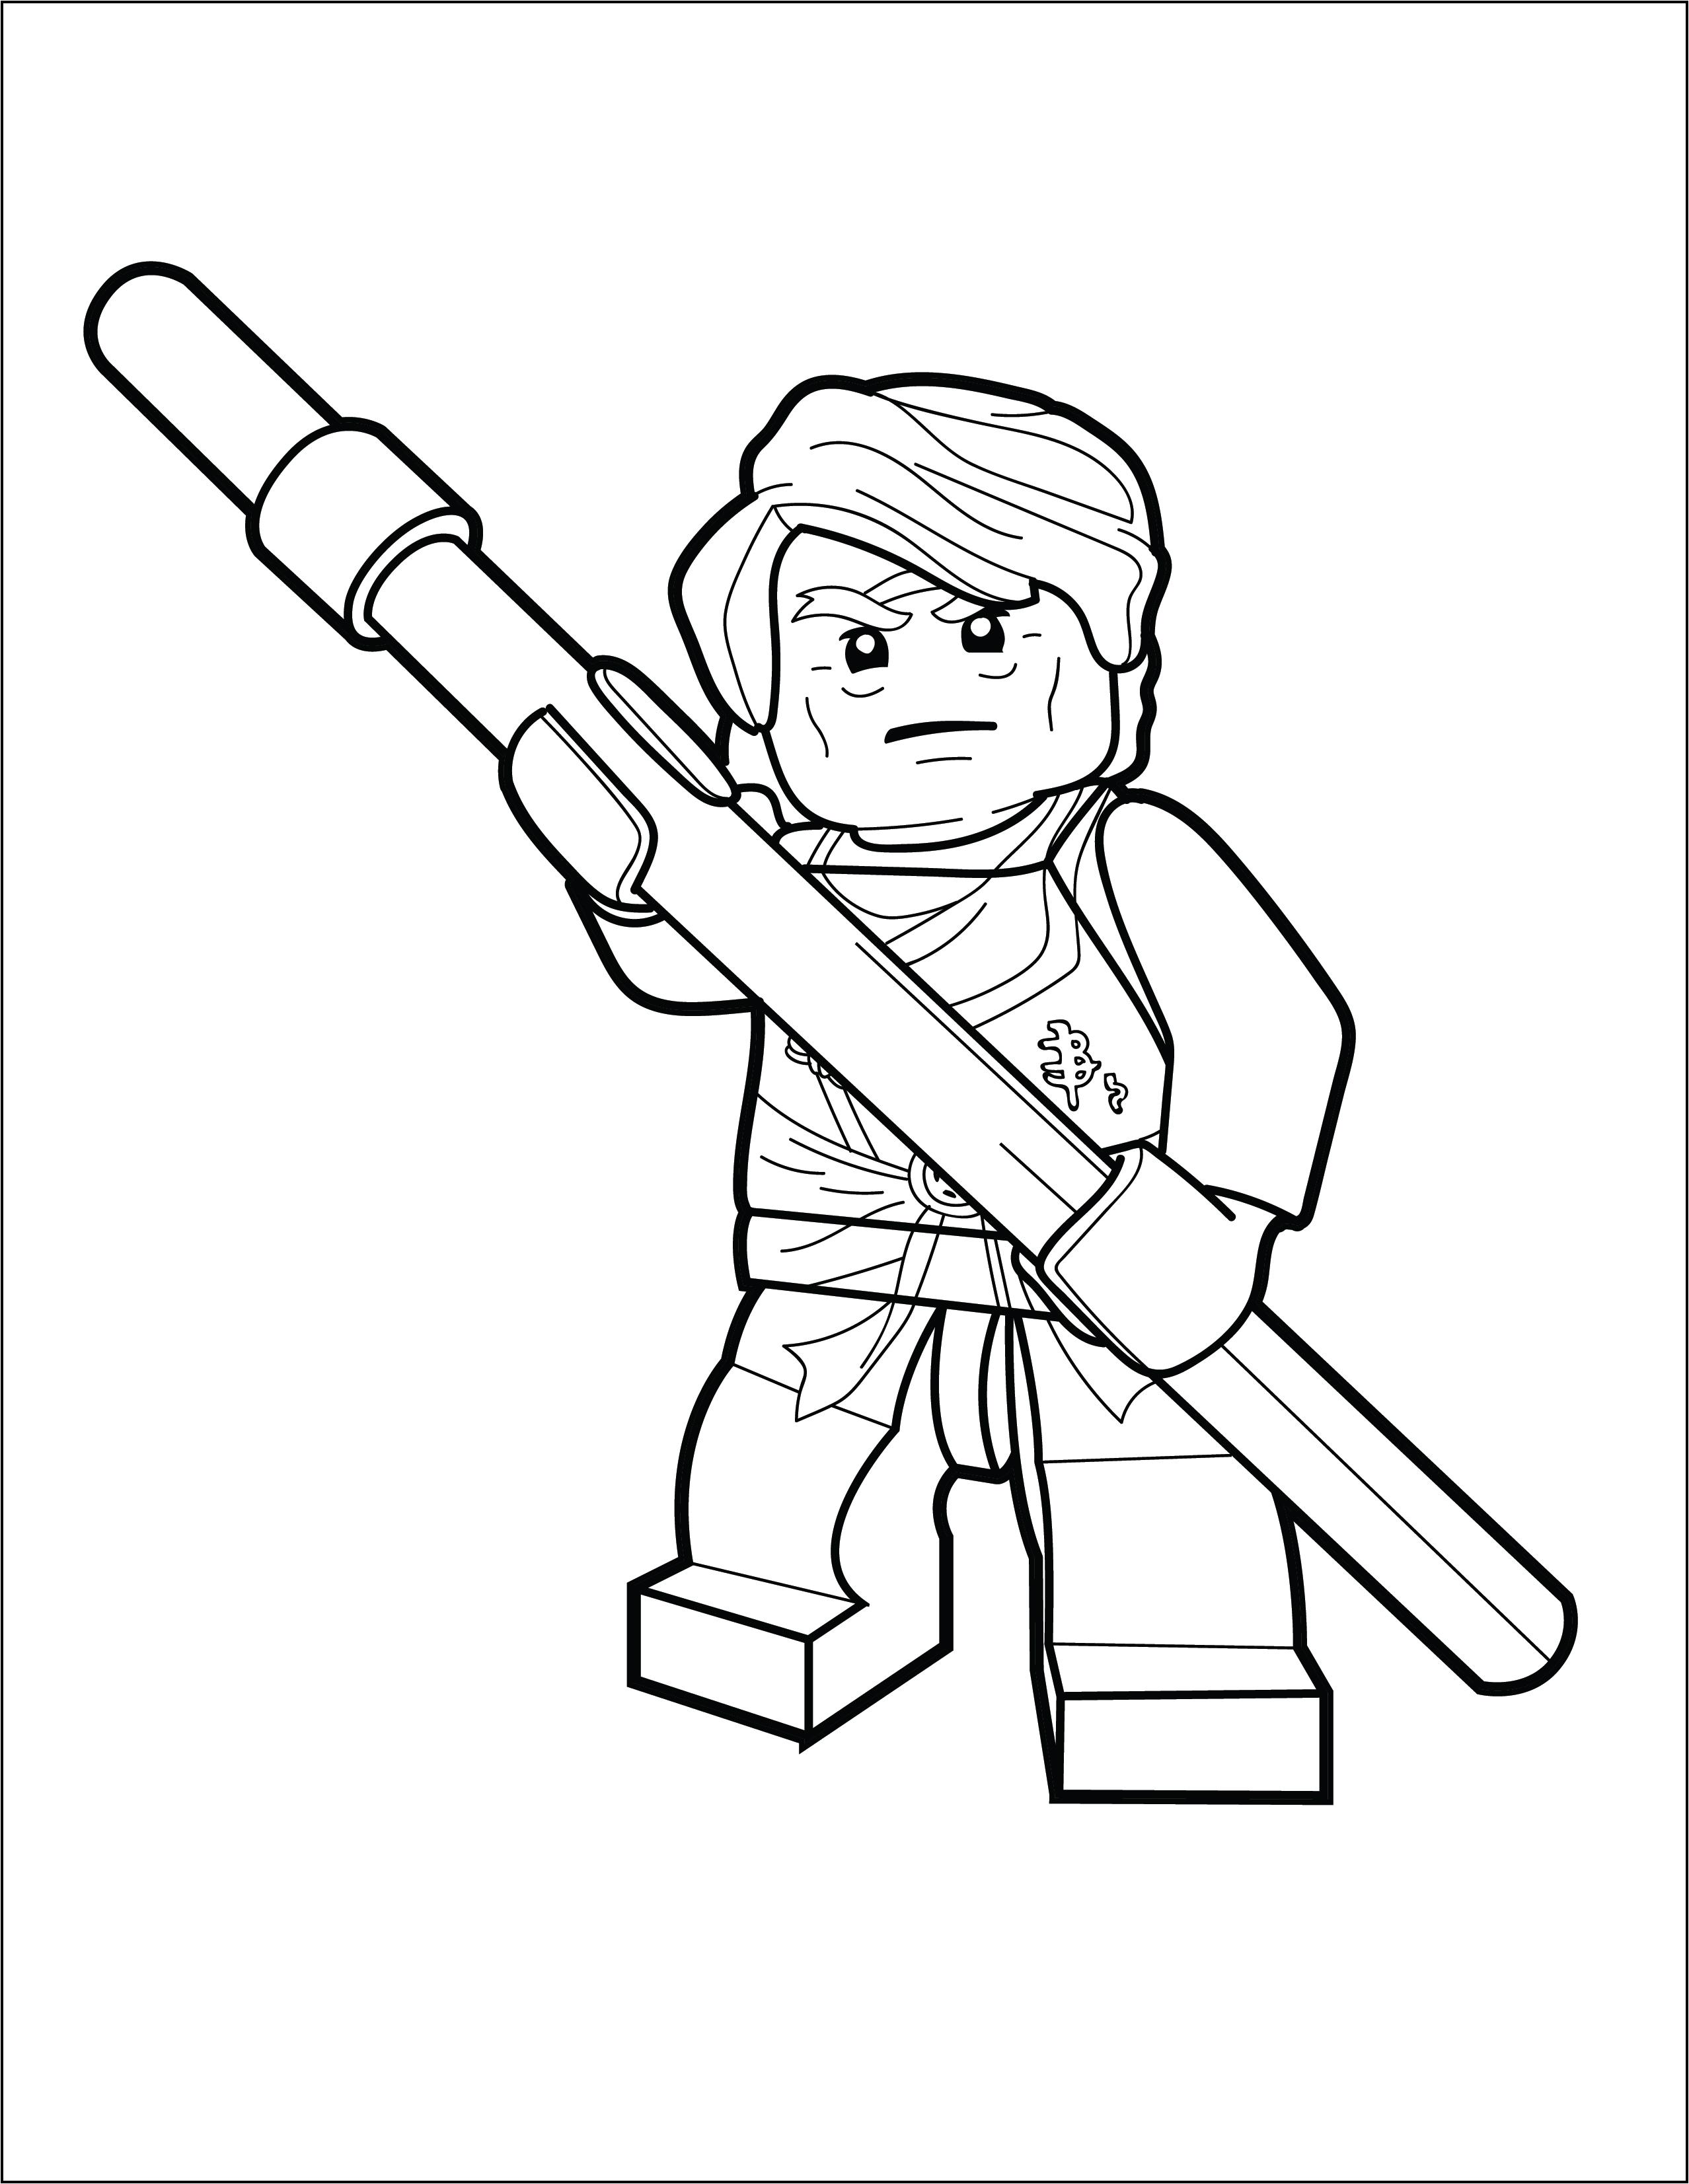 - LEGO Ninjago Coloring Page - Sensei Garmadon - The Brick Show